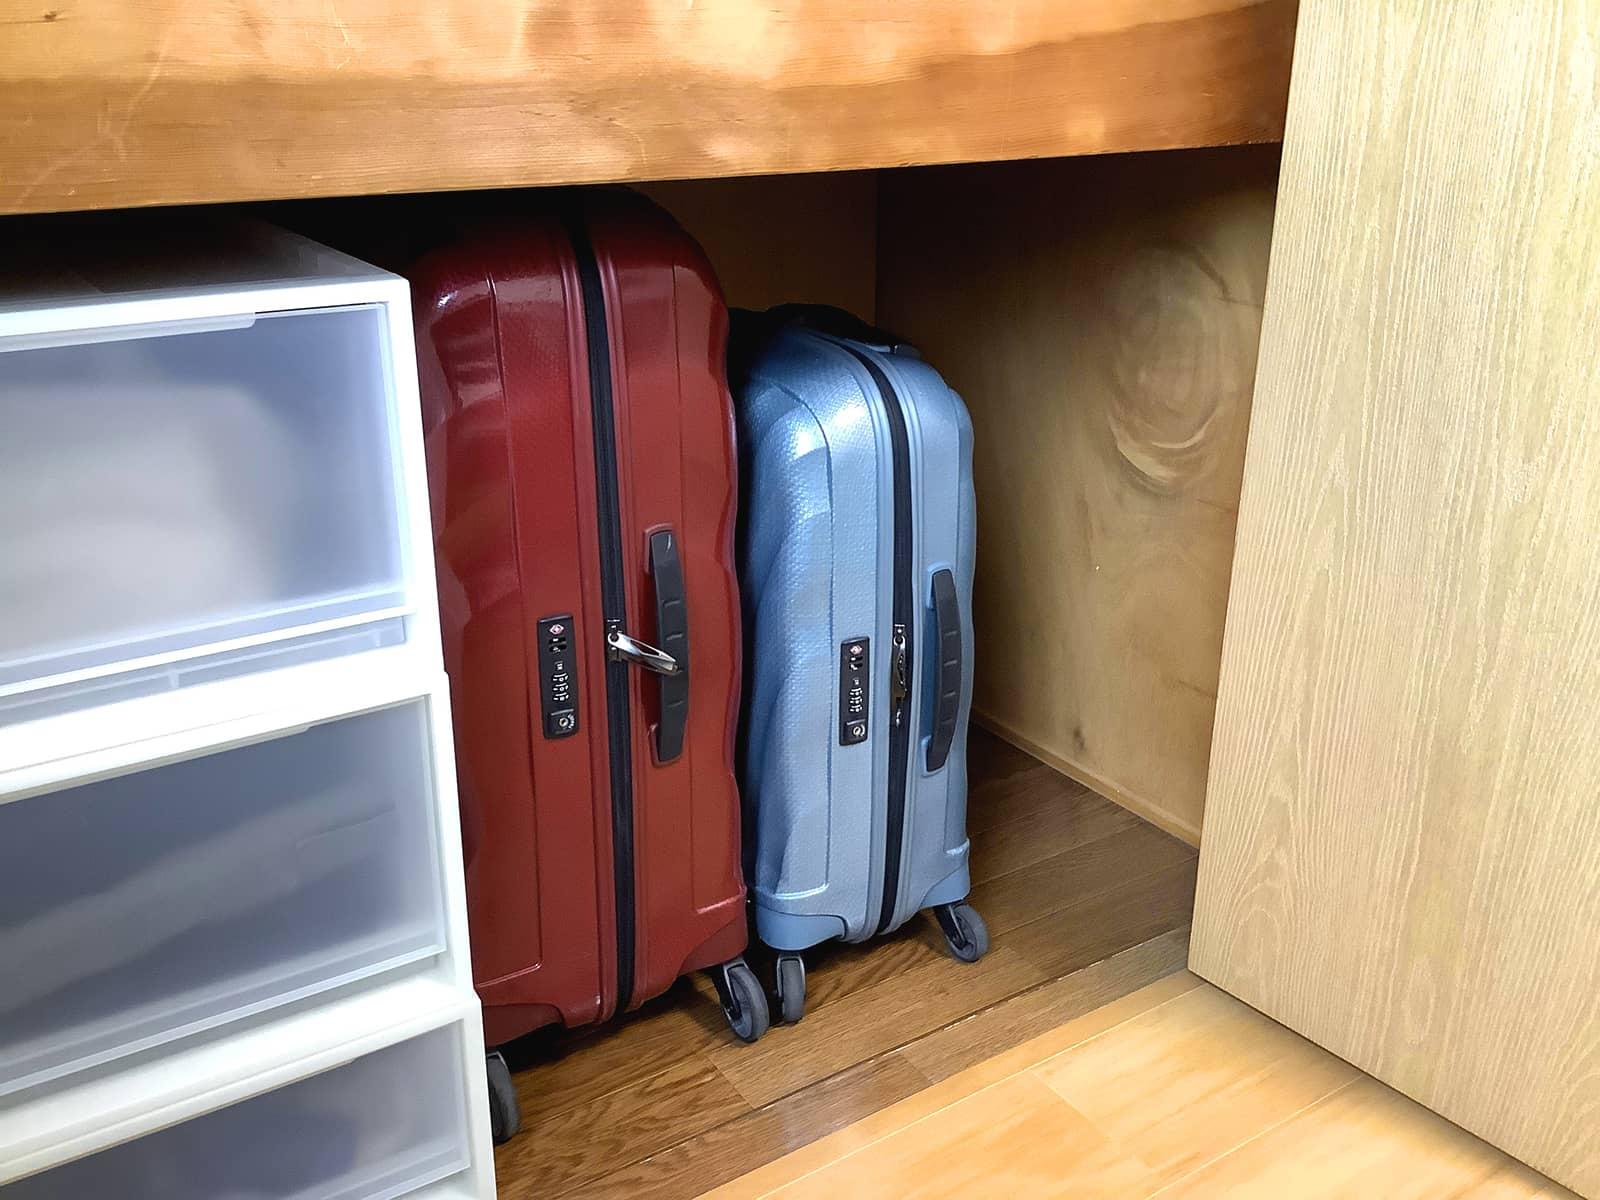 スーツケースの保管場所がない。 押し入れに収納された2台のスーツケース。